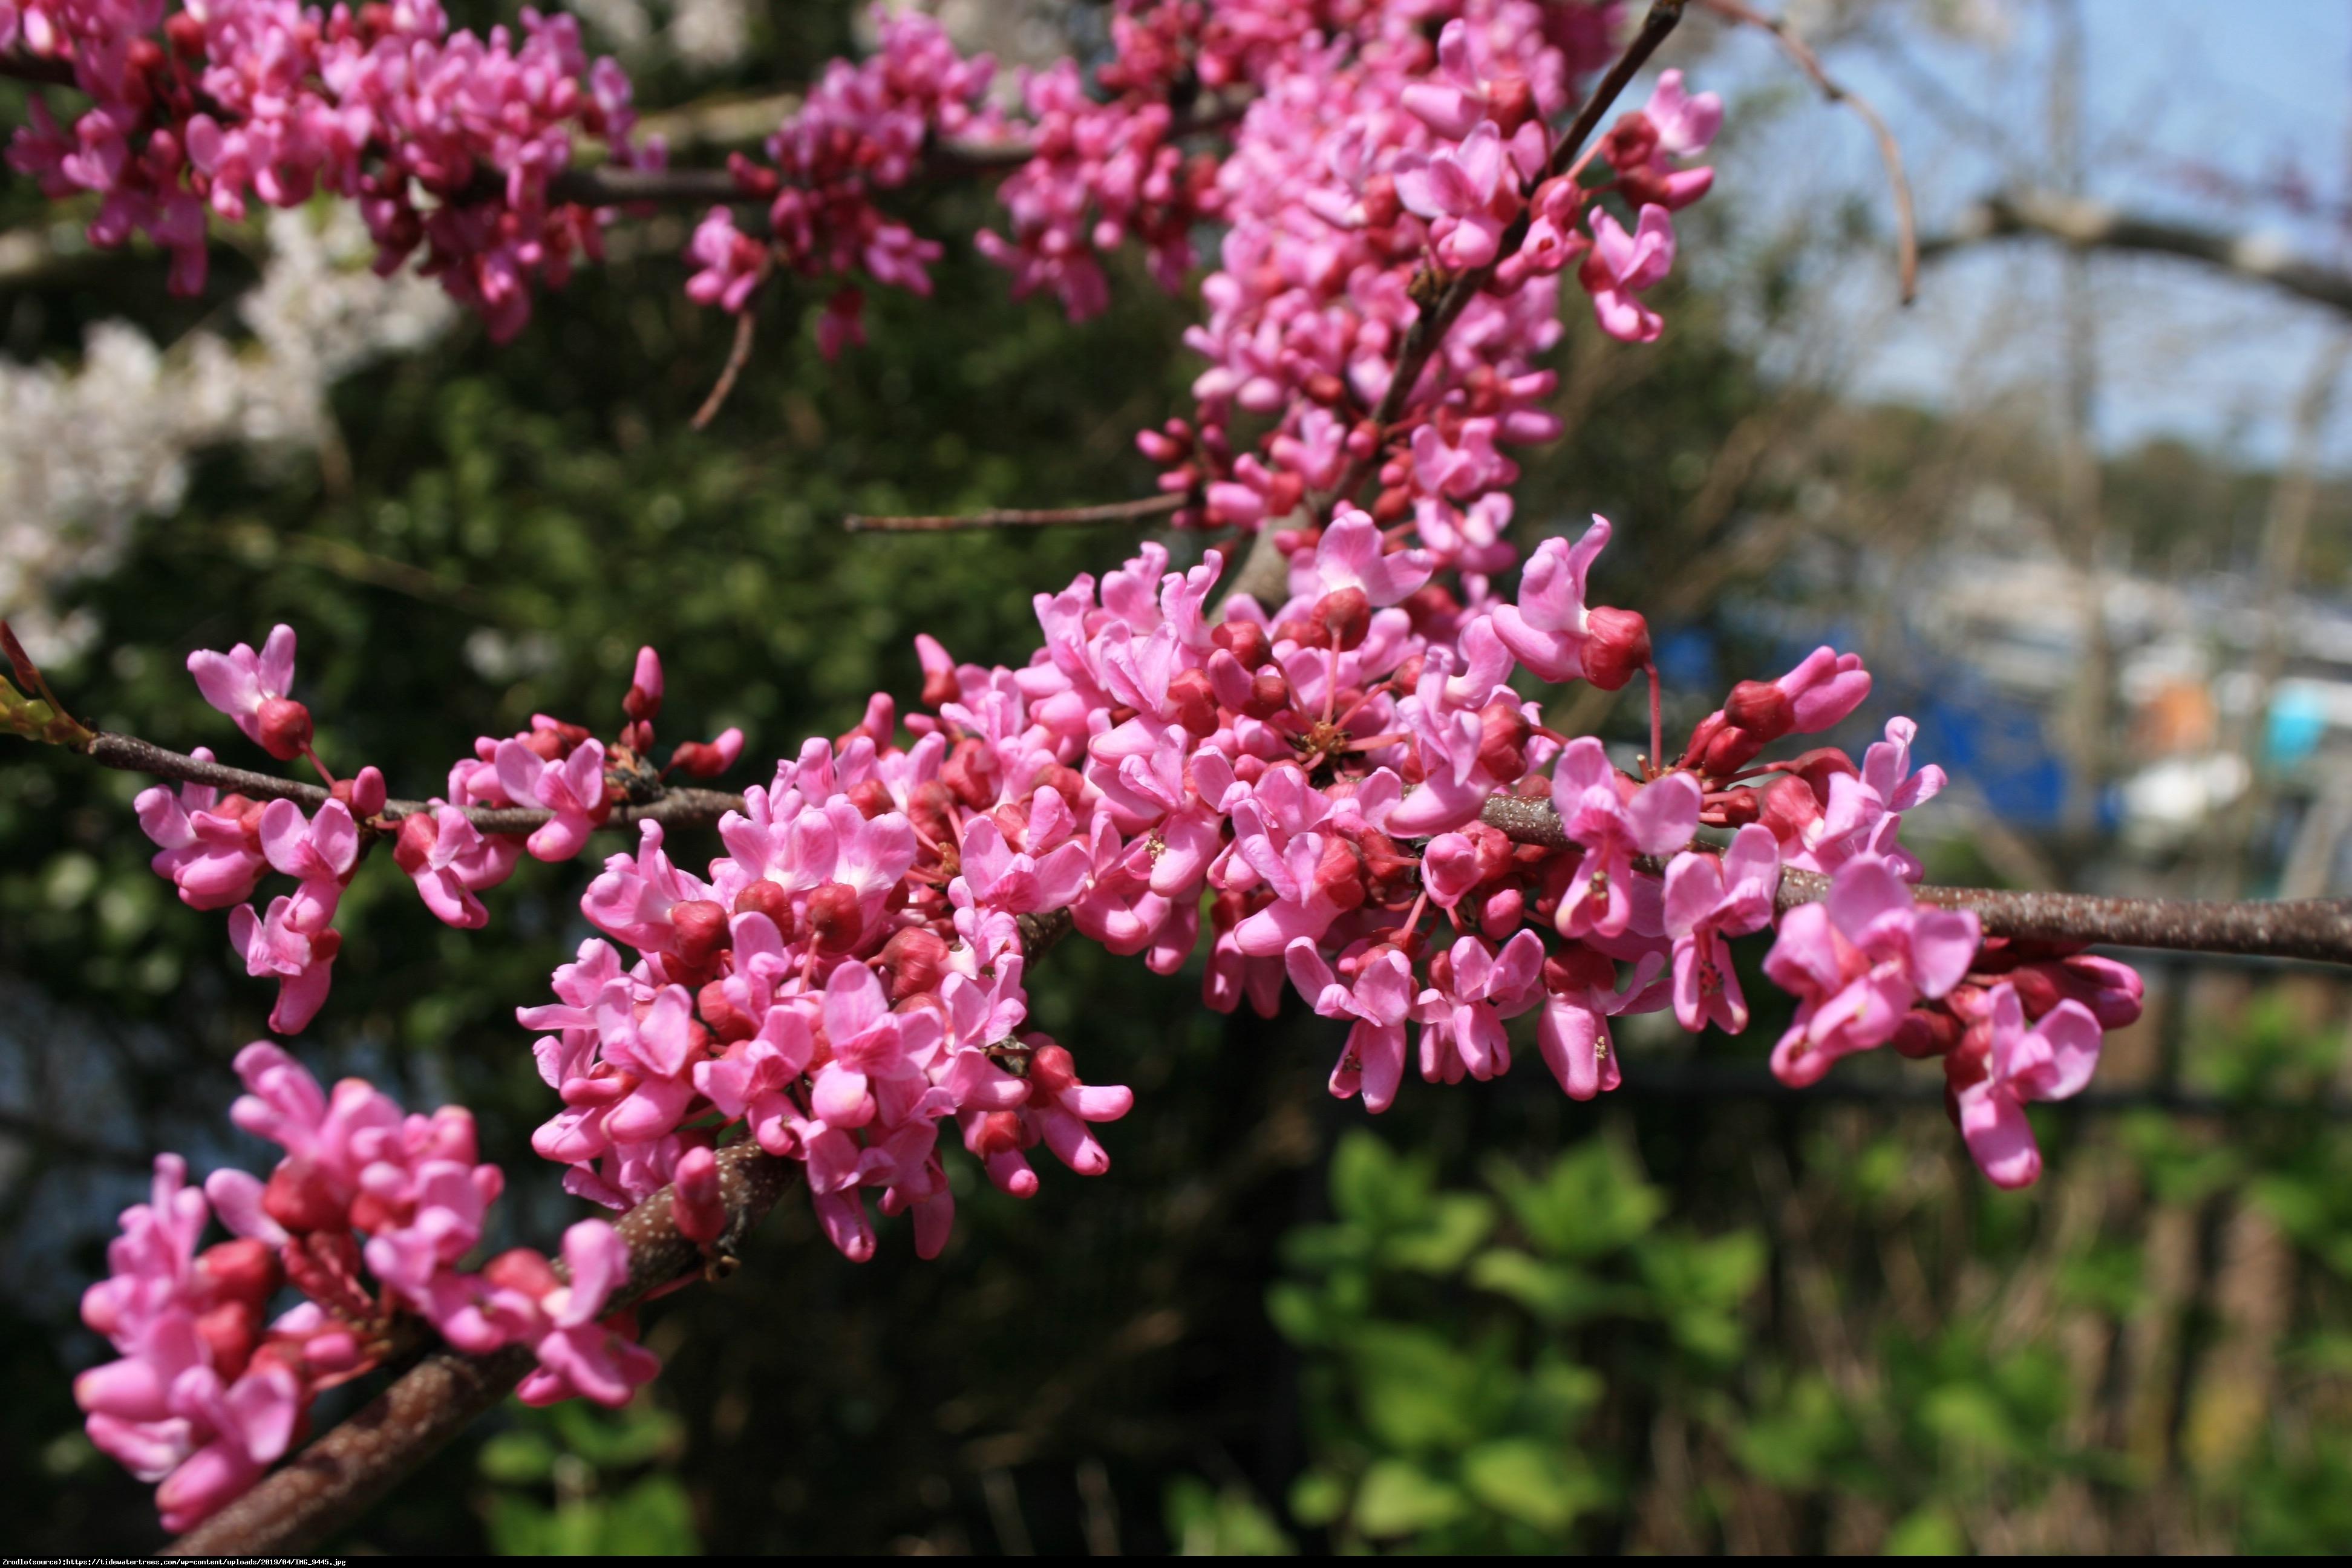 Judaszowiec kanadyjski Forest Pansy - BORDOWE LIŚCIE - Cercis canadensis Forest Pansy